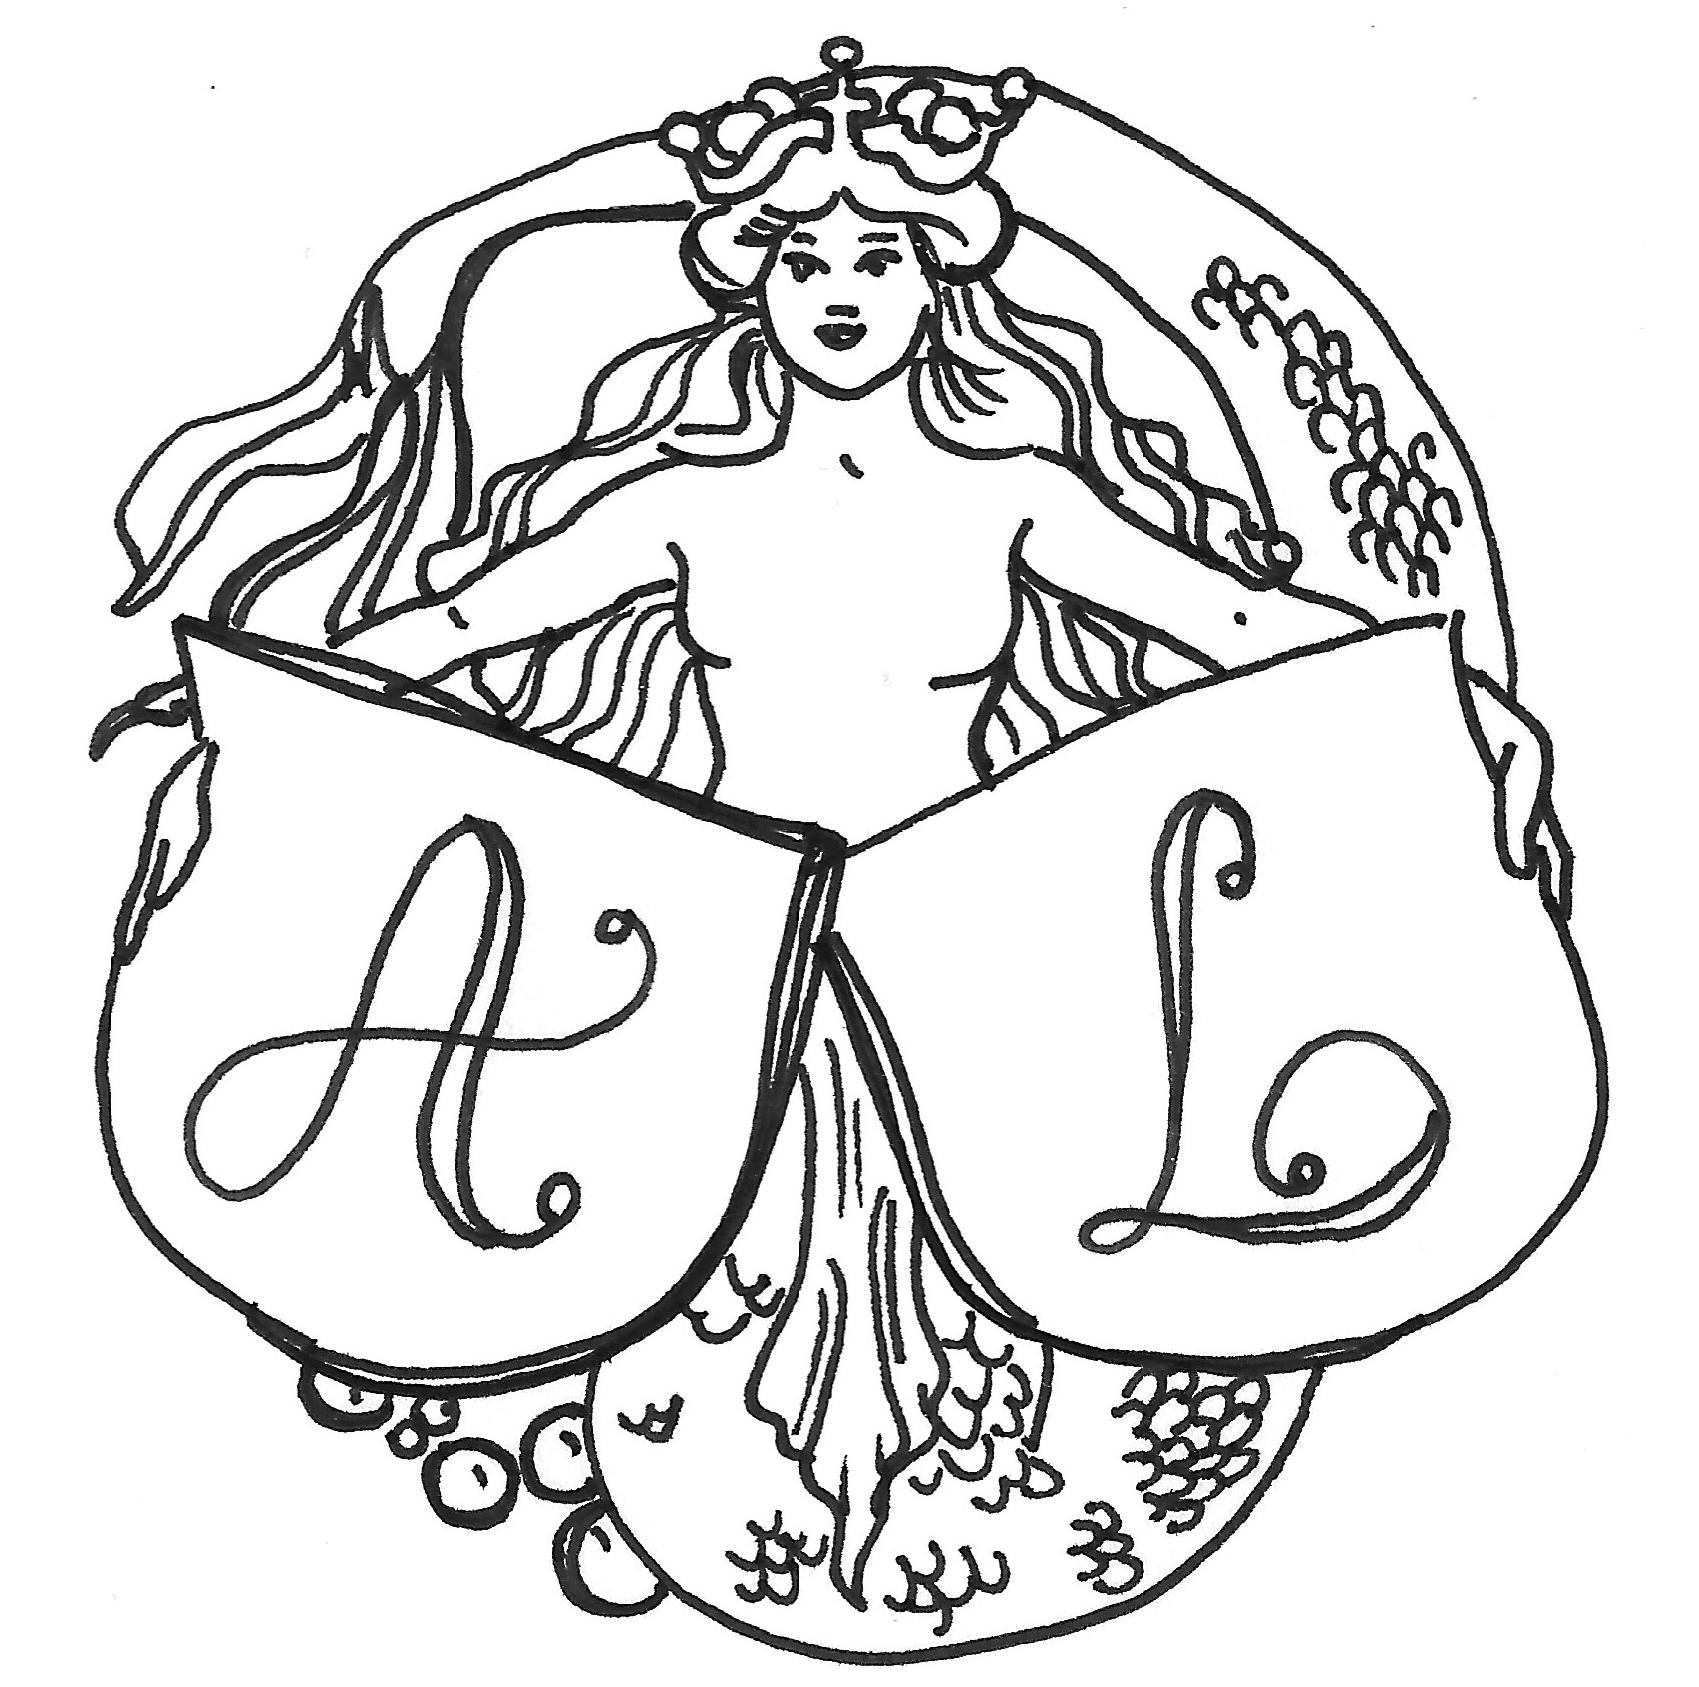 heraldry mermaid.jpg